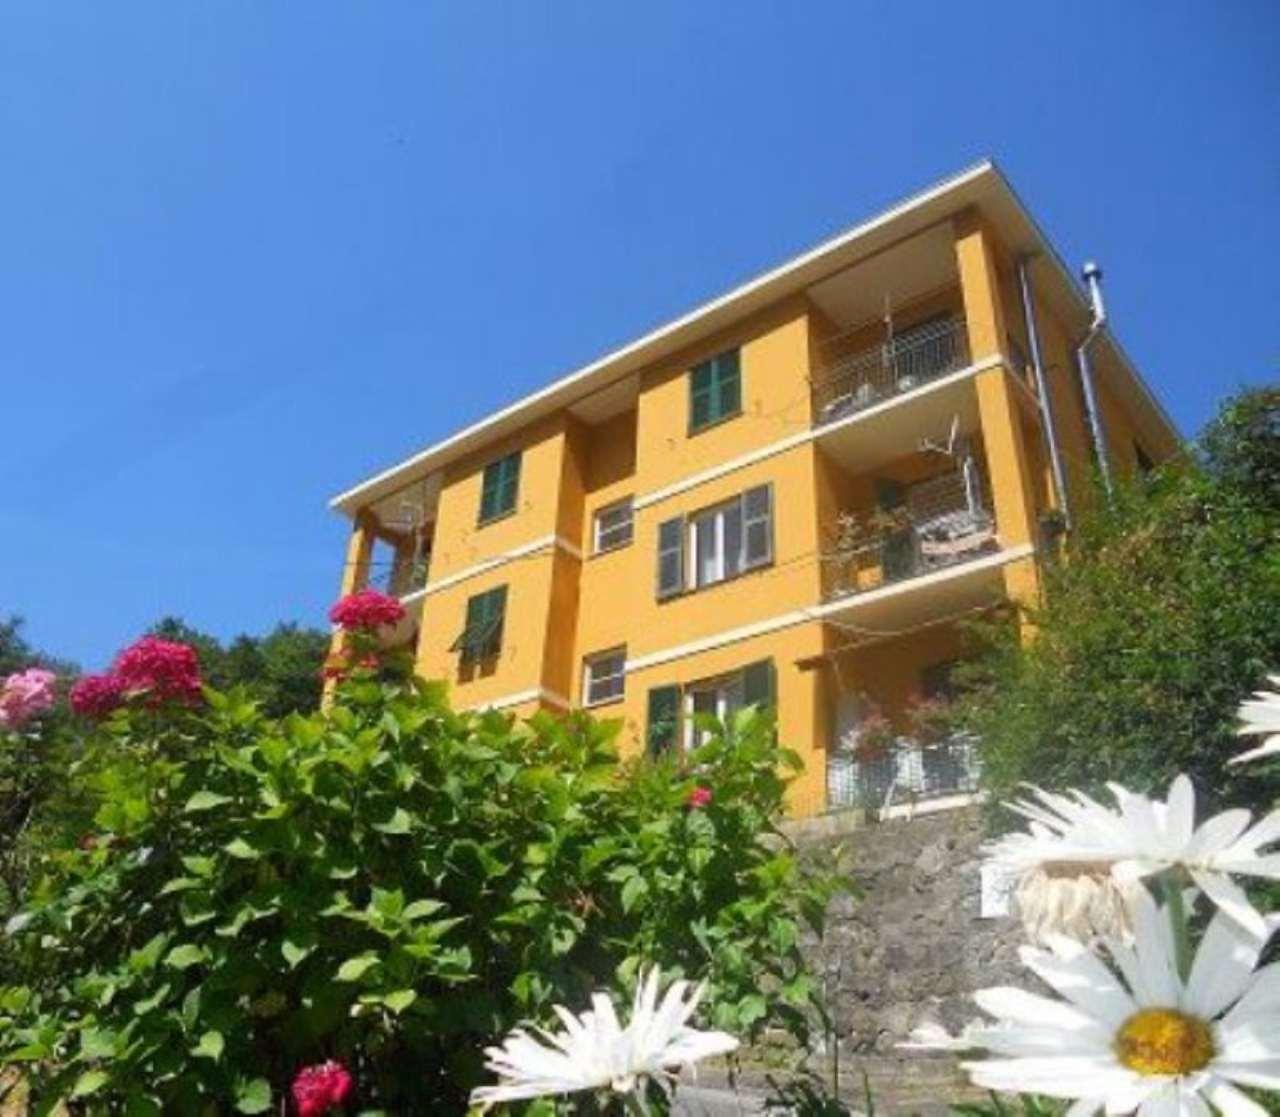 Appartamento in vendita a San Colombano Certenoli, 4 locali, prezzo € 80.000 | Cambio Casa.it